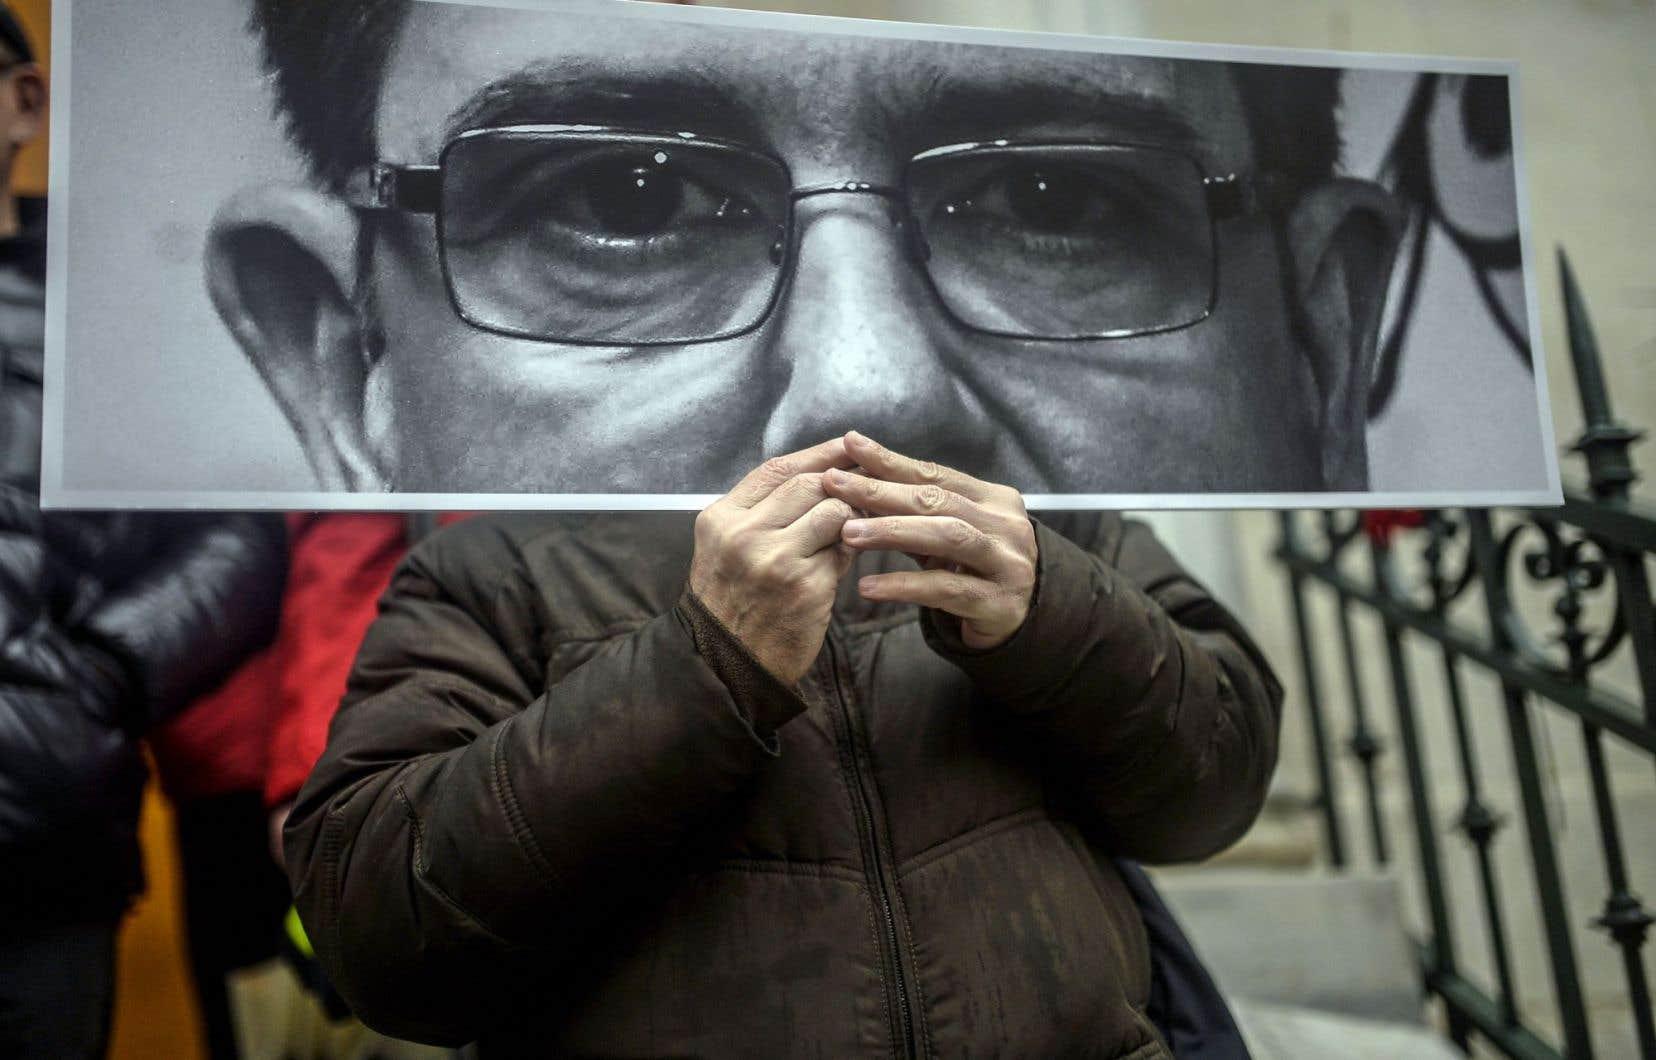 Le caricaturiste de «Charlie Hebdo» Stéphane Charbonnier, dit Charb, est tombé sous les balles de djihadistes français le 7 janvier dernier.